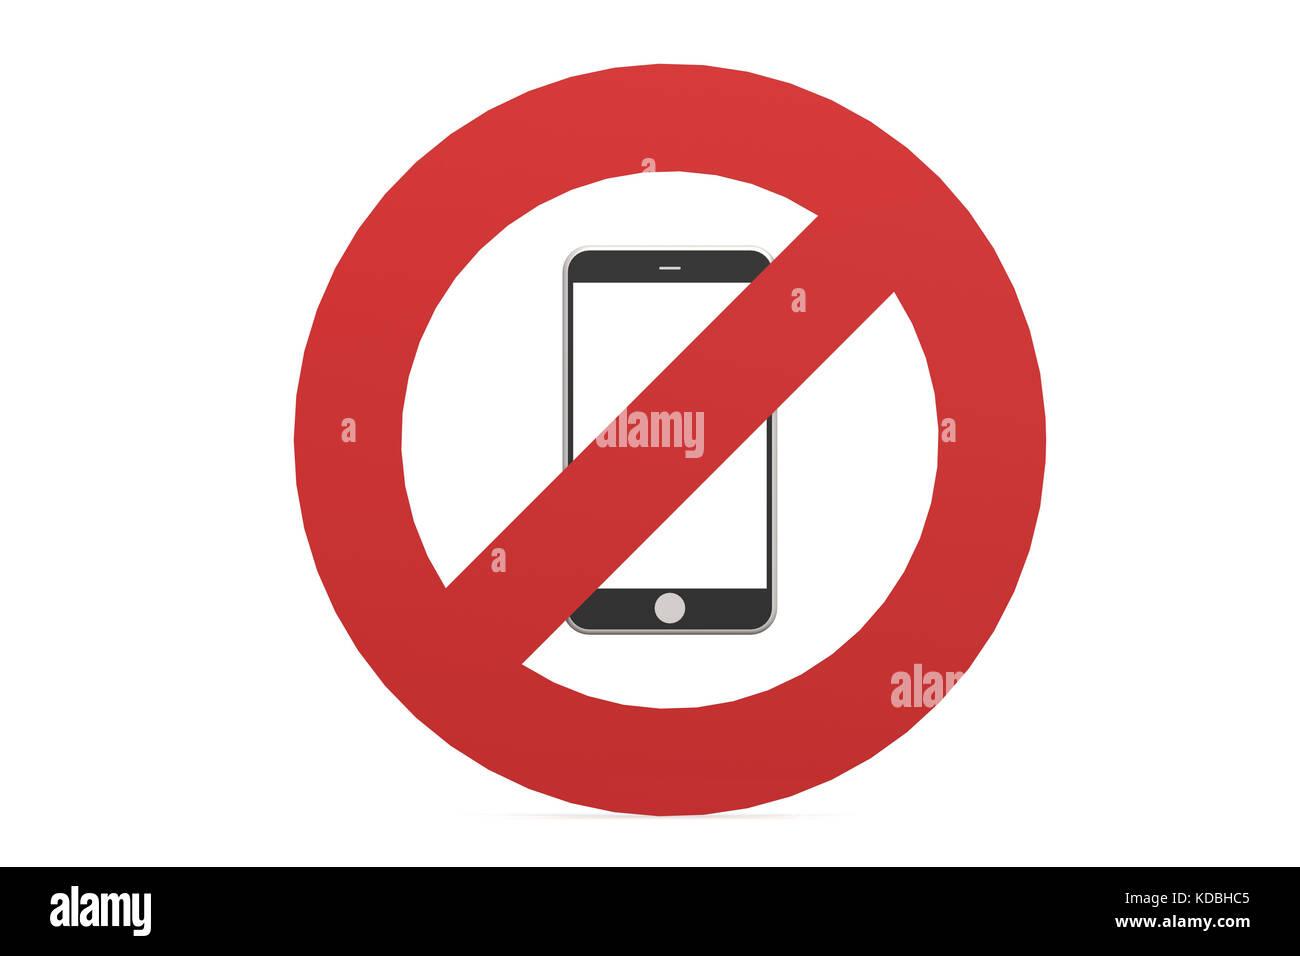 Telefono Cellulare Vietato N Telefono Cellulare Segno Isolato Su